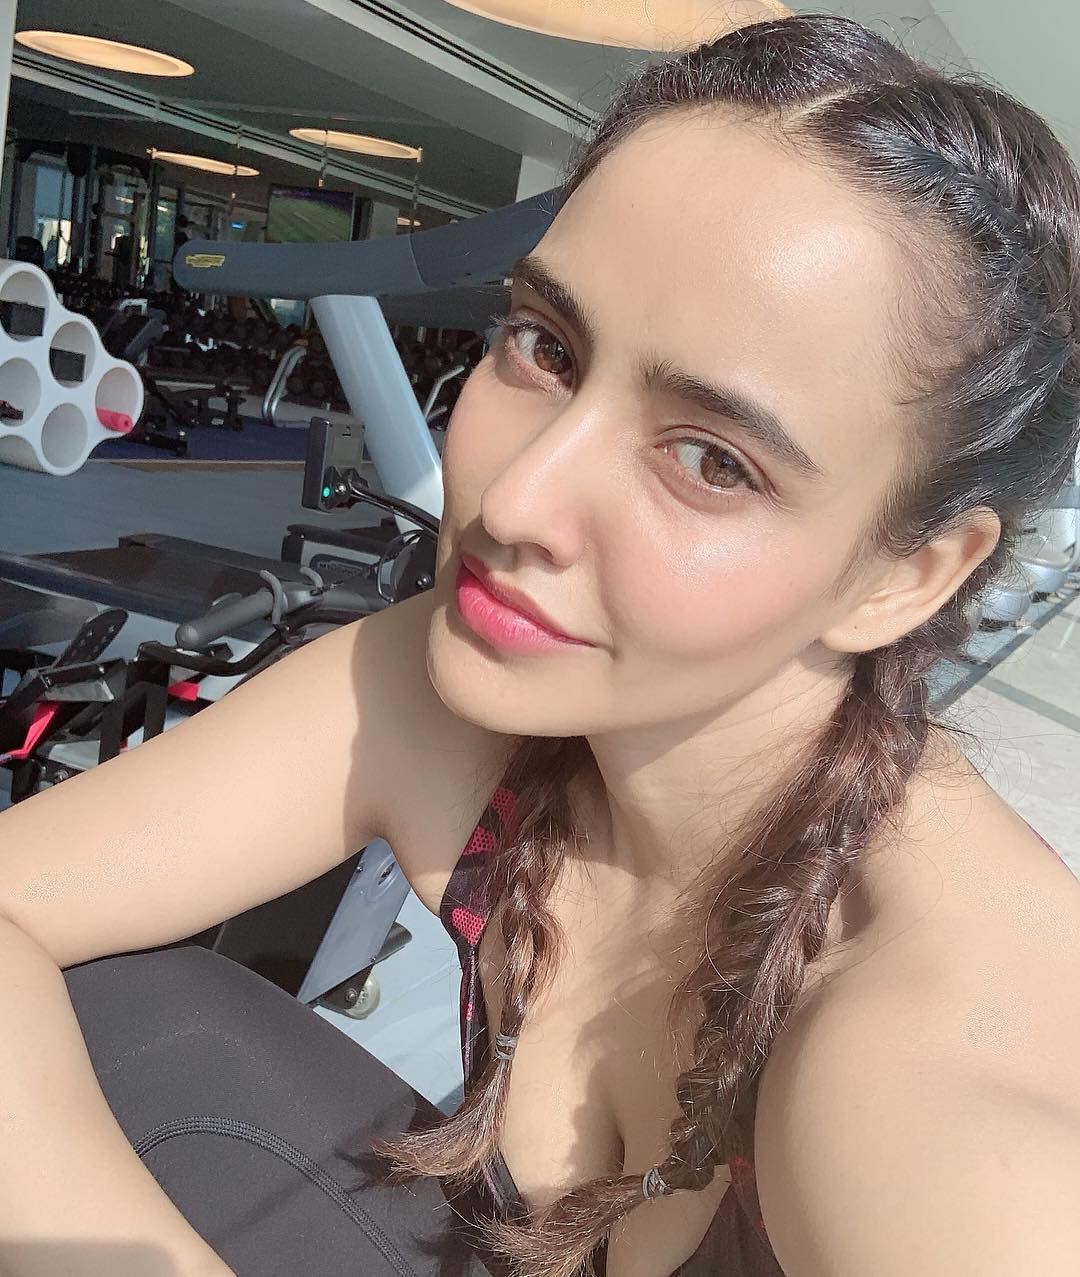 నేహా శర్మ లేటెస్ట్ ఫోటోస్.. Instagram/nehasharmaofficial